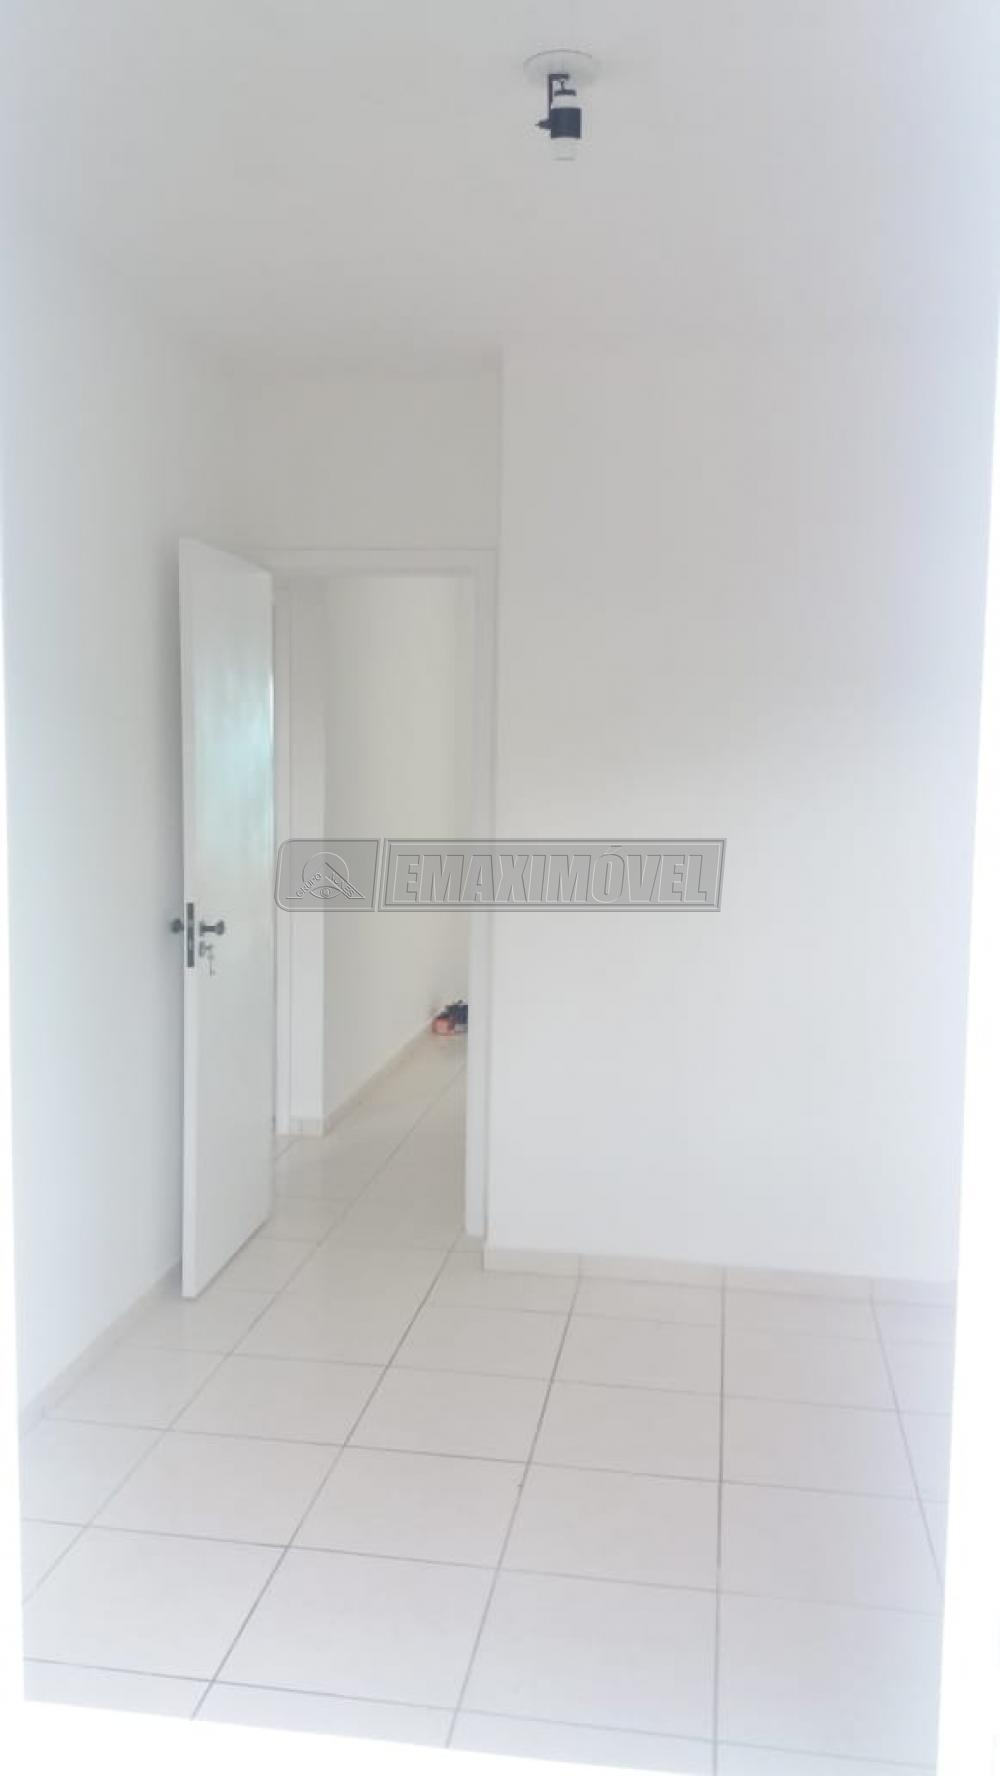 Comprar Casas / em Condomínios em Sorocaba apenas R$ 245.000,00 - Foto 7